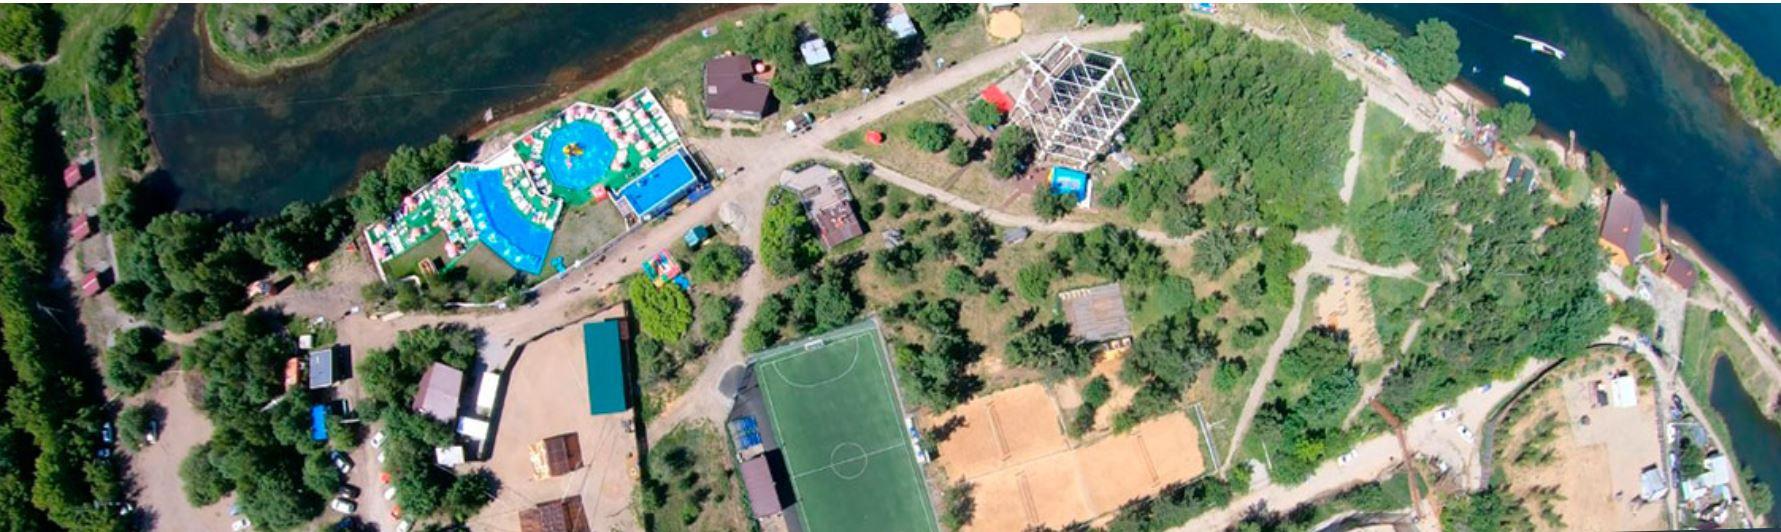 парк поляна